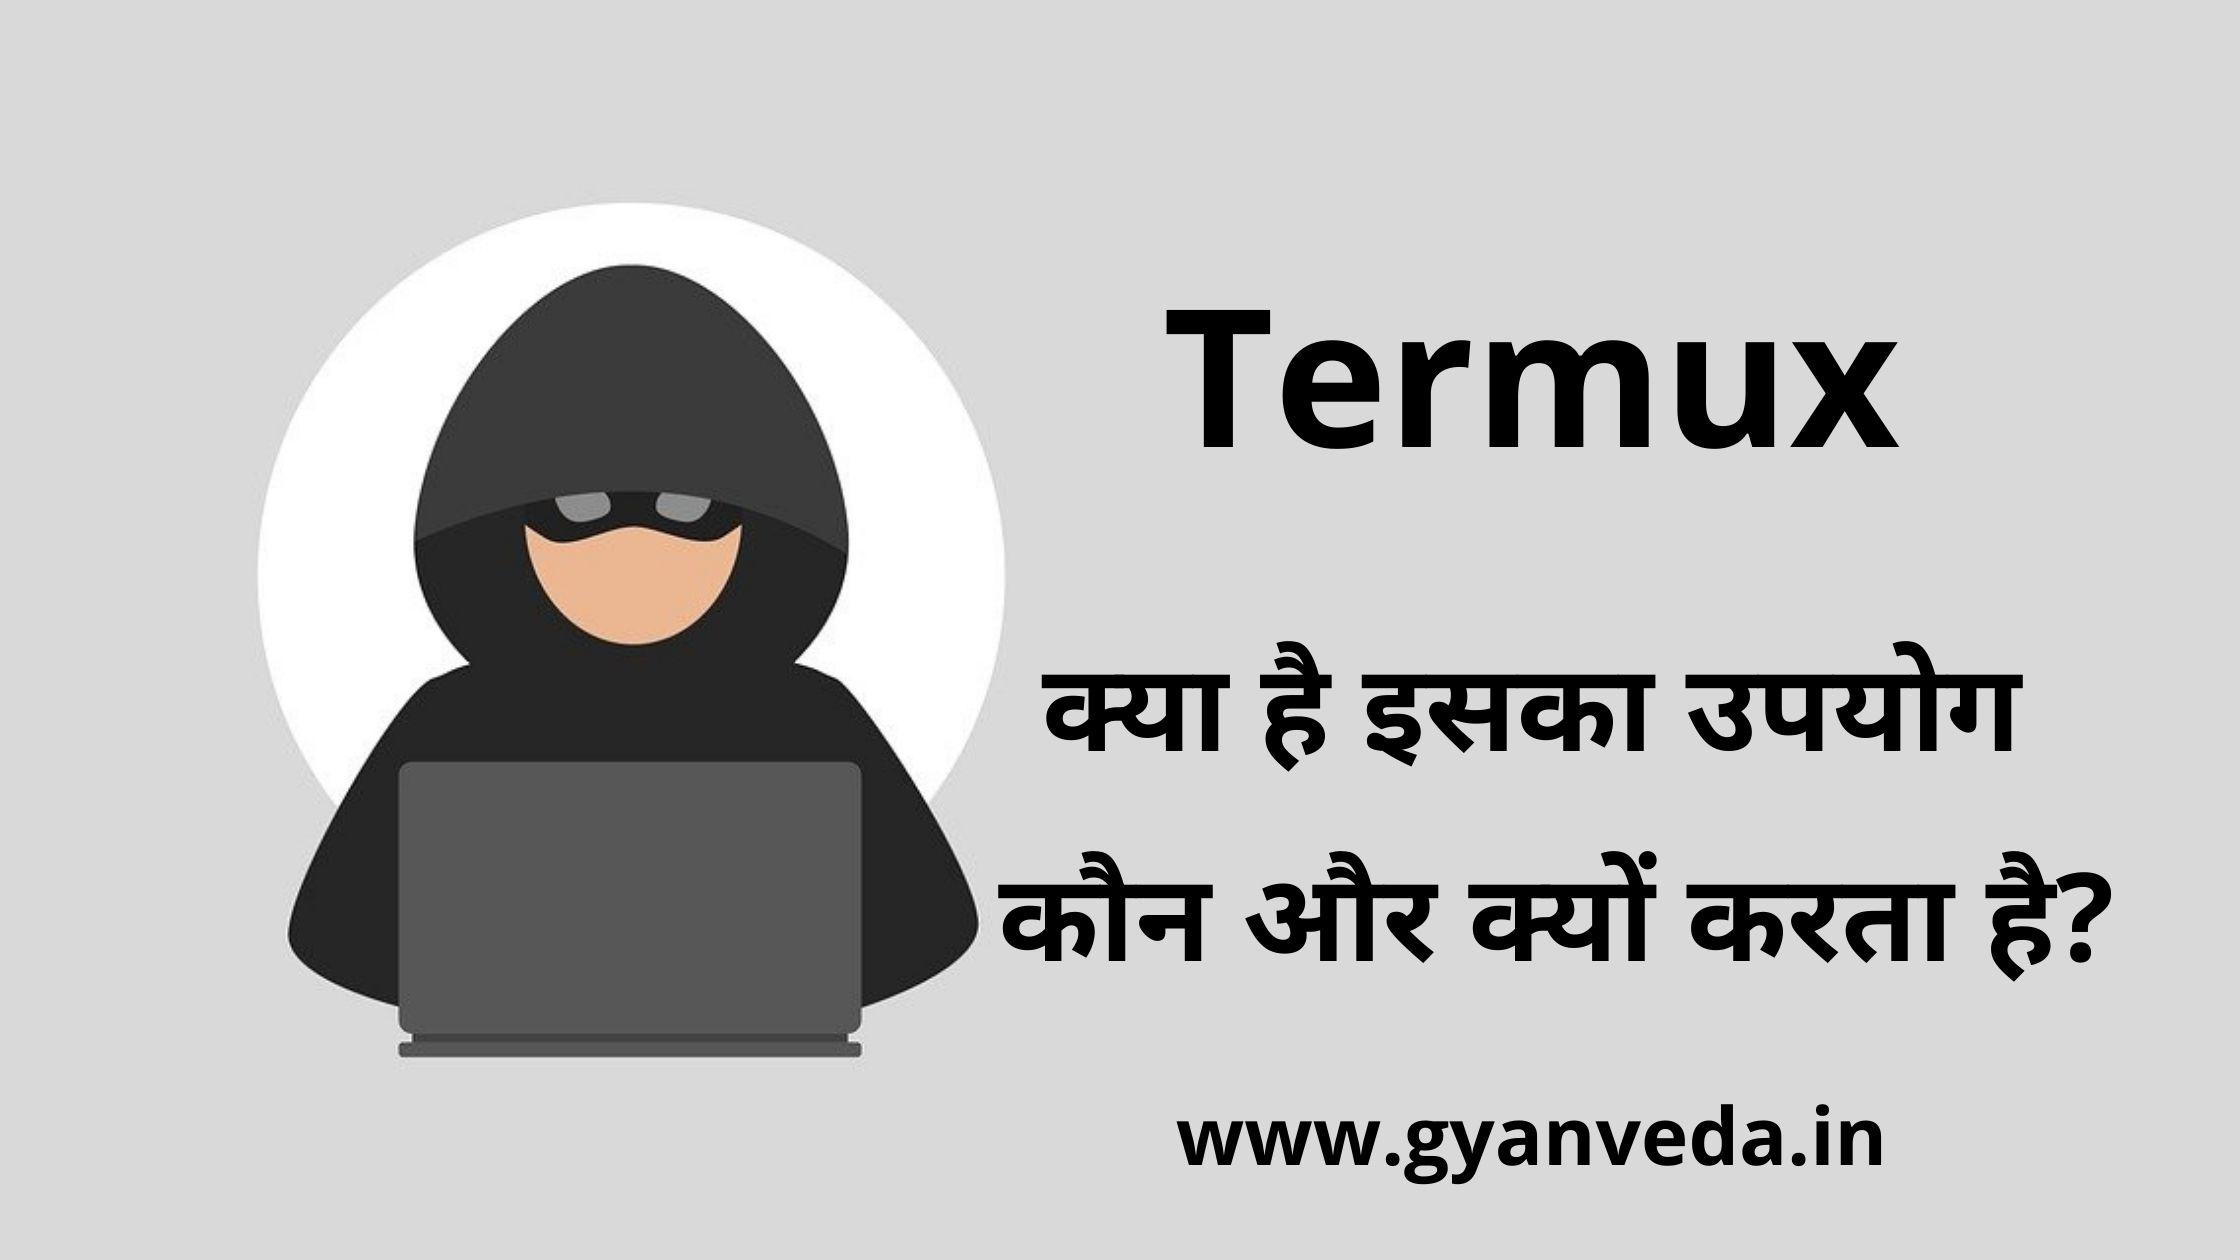 Termux क्या है और इसका उपयोग क्यों करते हैं?